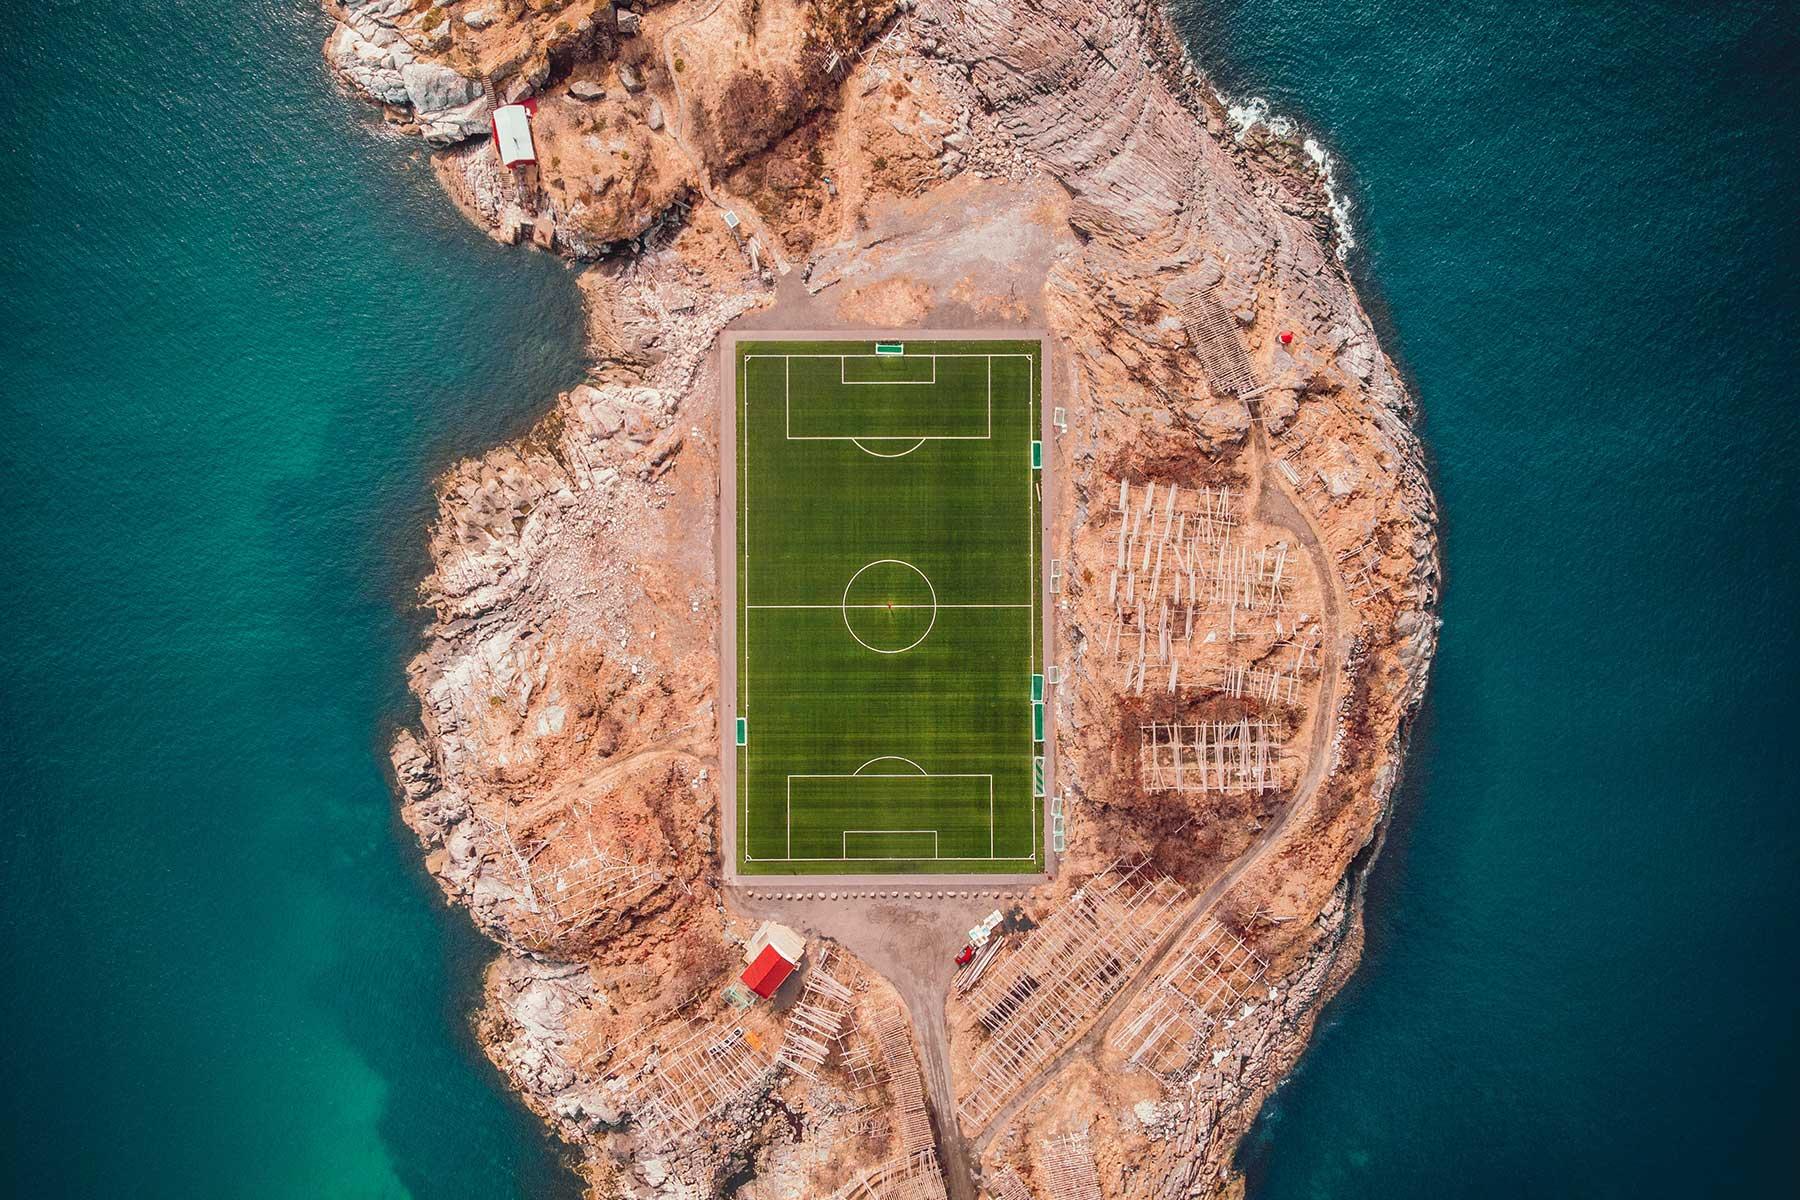 Resor-till-Lofoten-i-Norge---fotbollsplan-Nygren-Lind-Resebyrå